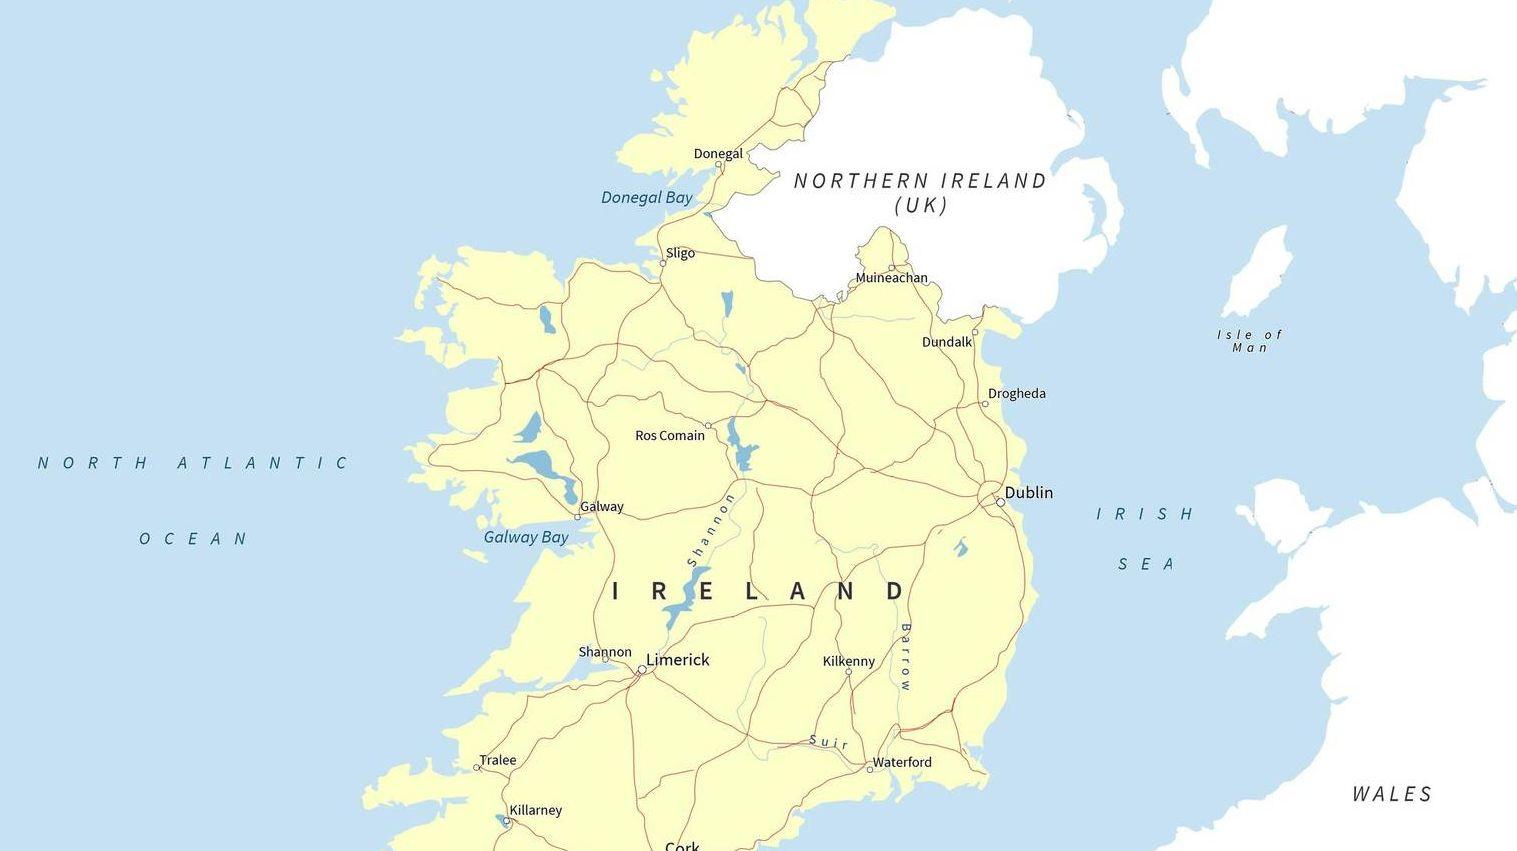 ирландия на карте мира фото краска металлу